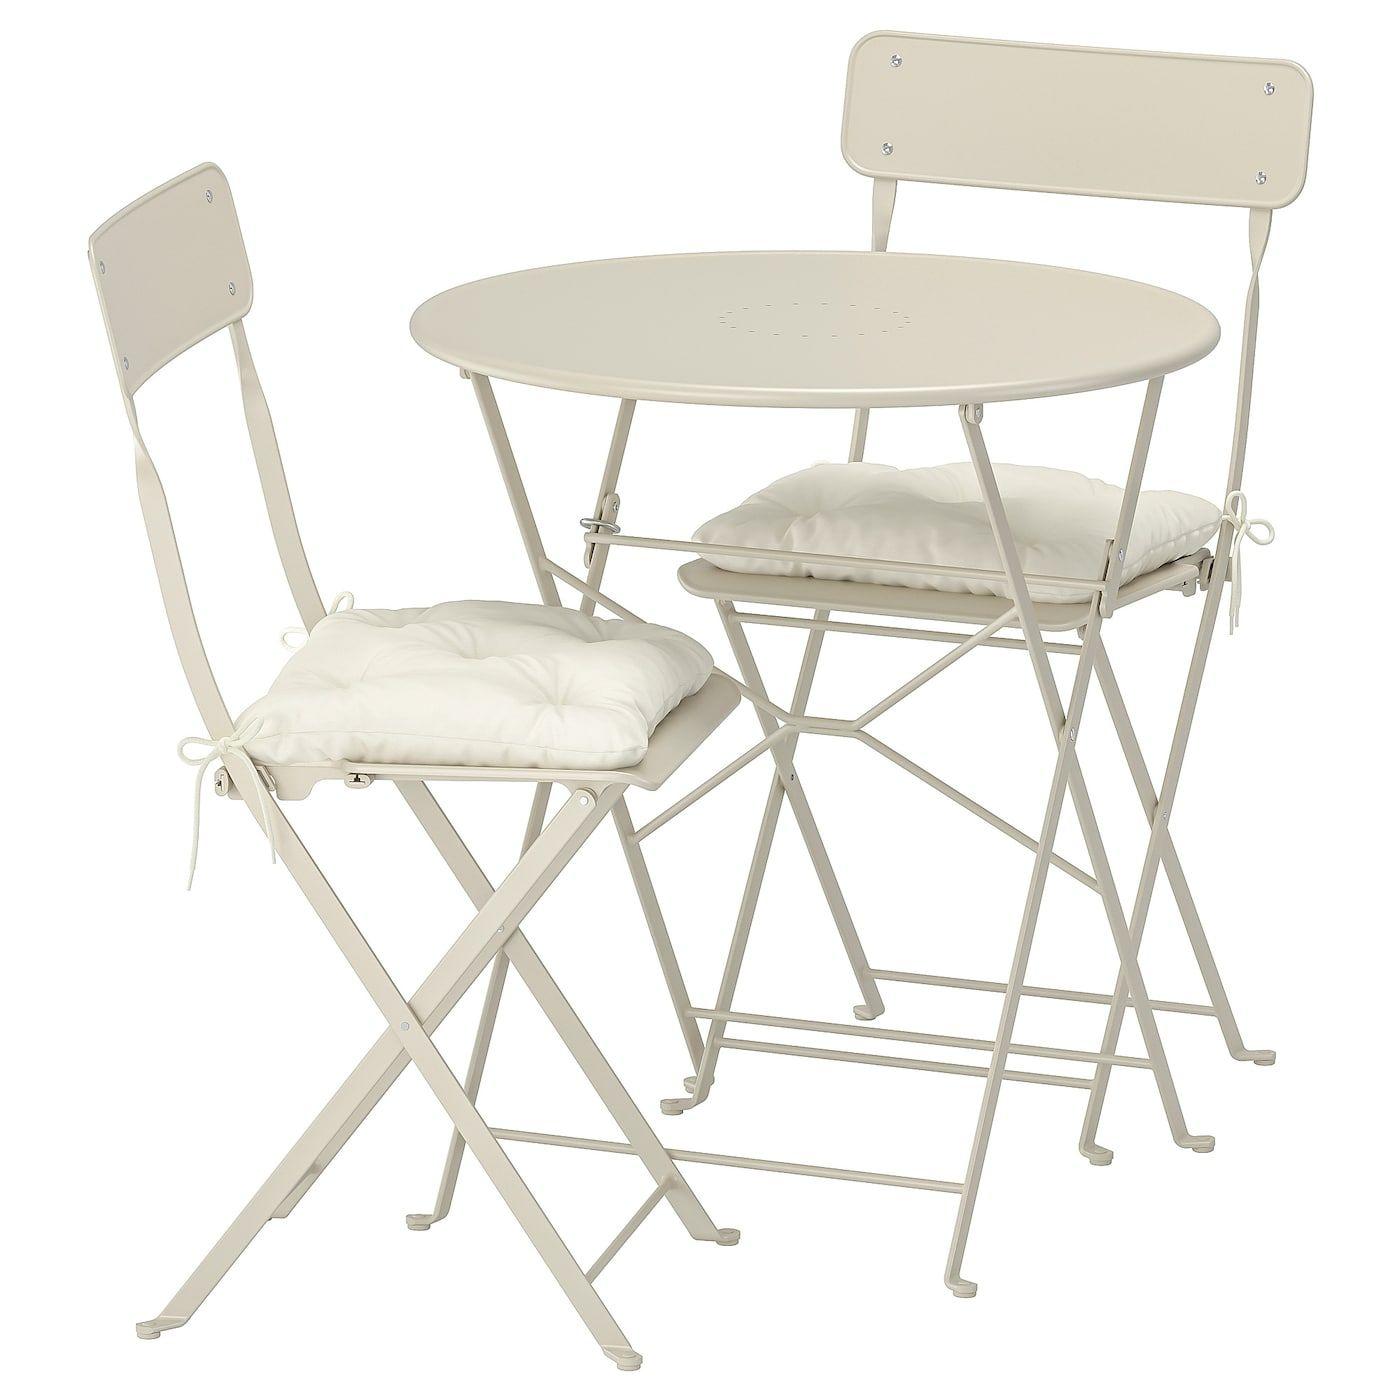 Saltholmen Tisch 2 Klappstuhle Aussen Beige Kuddarna Beige